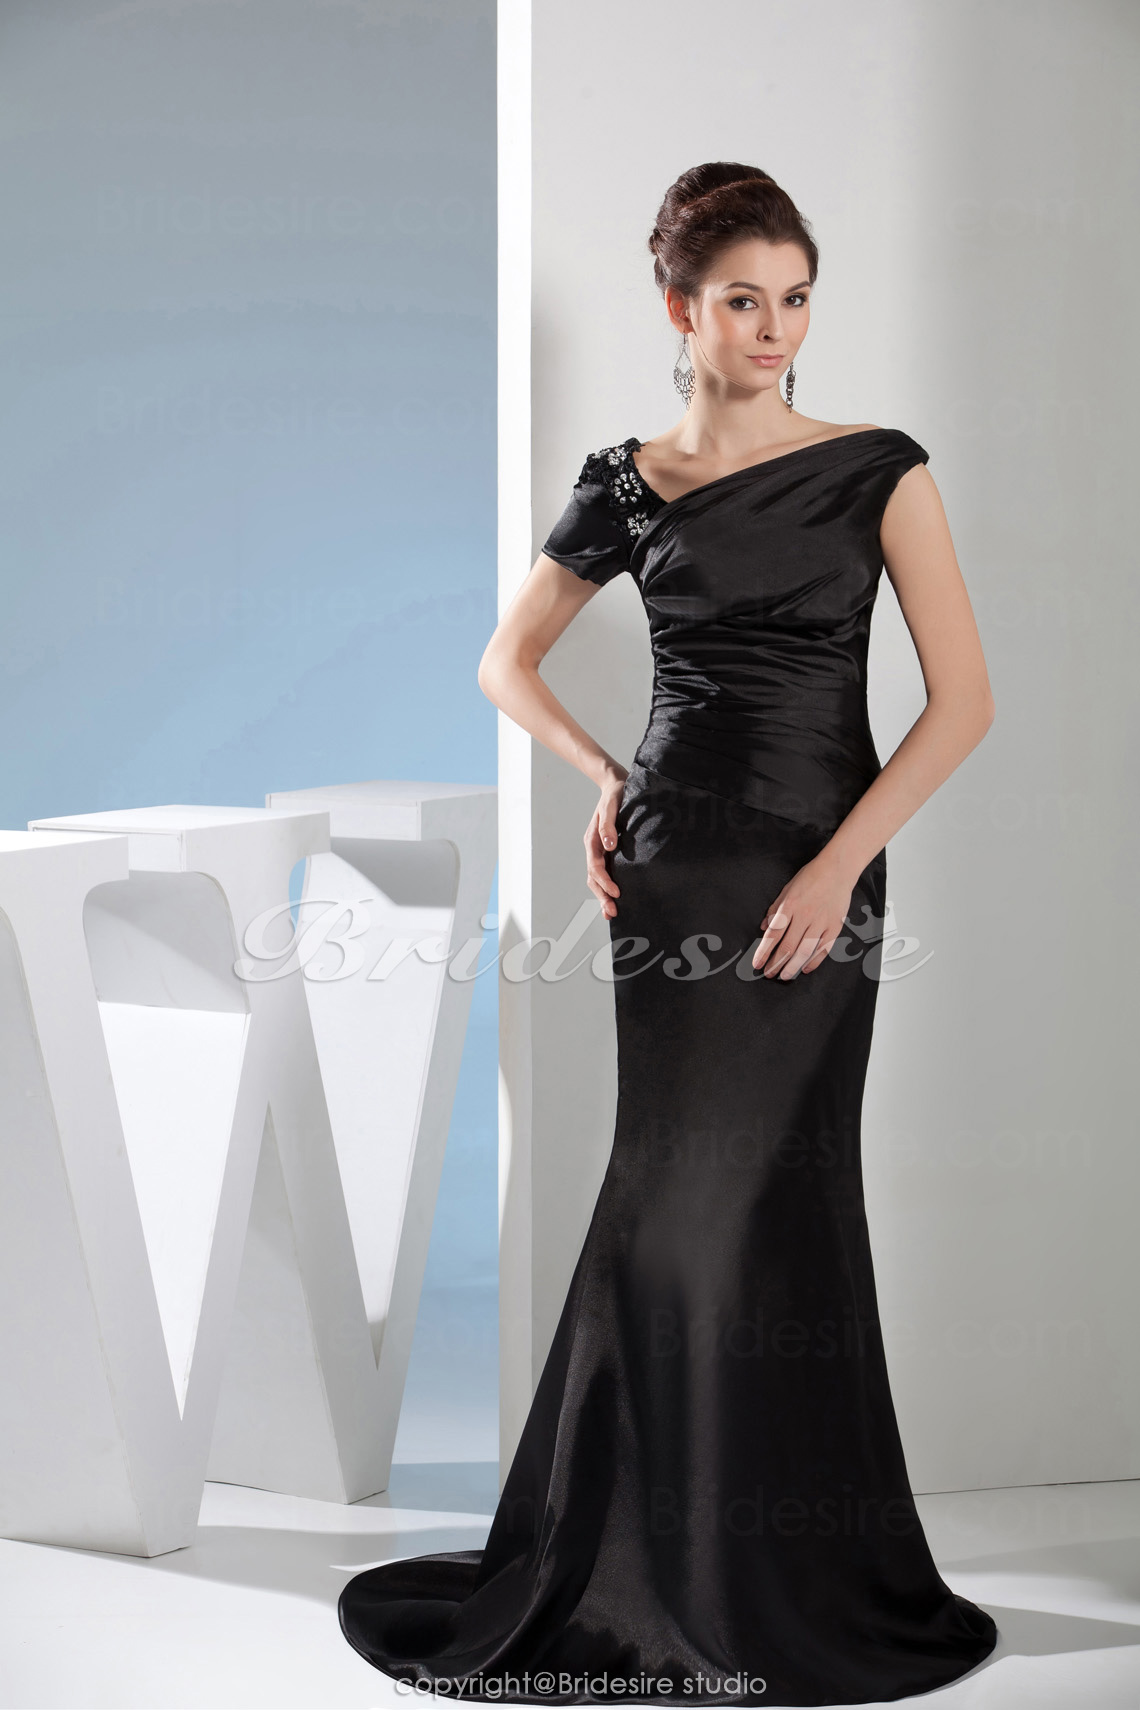 57deb9322 Bridesire - Corte Sirena Escote en V Hasta el Suelo Barrer   cepillo tren  Manga Corta Satén Vestido  BD4664  - €104.91   Bridesire